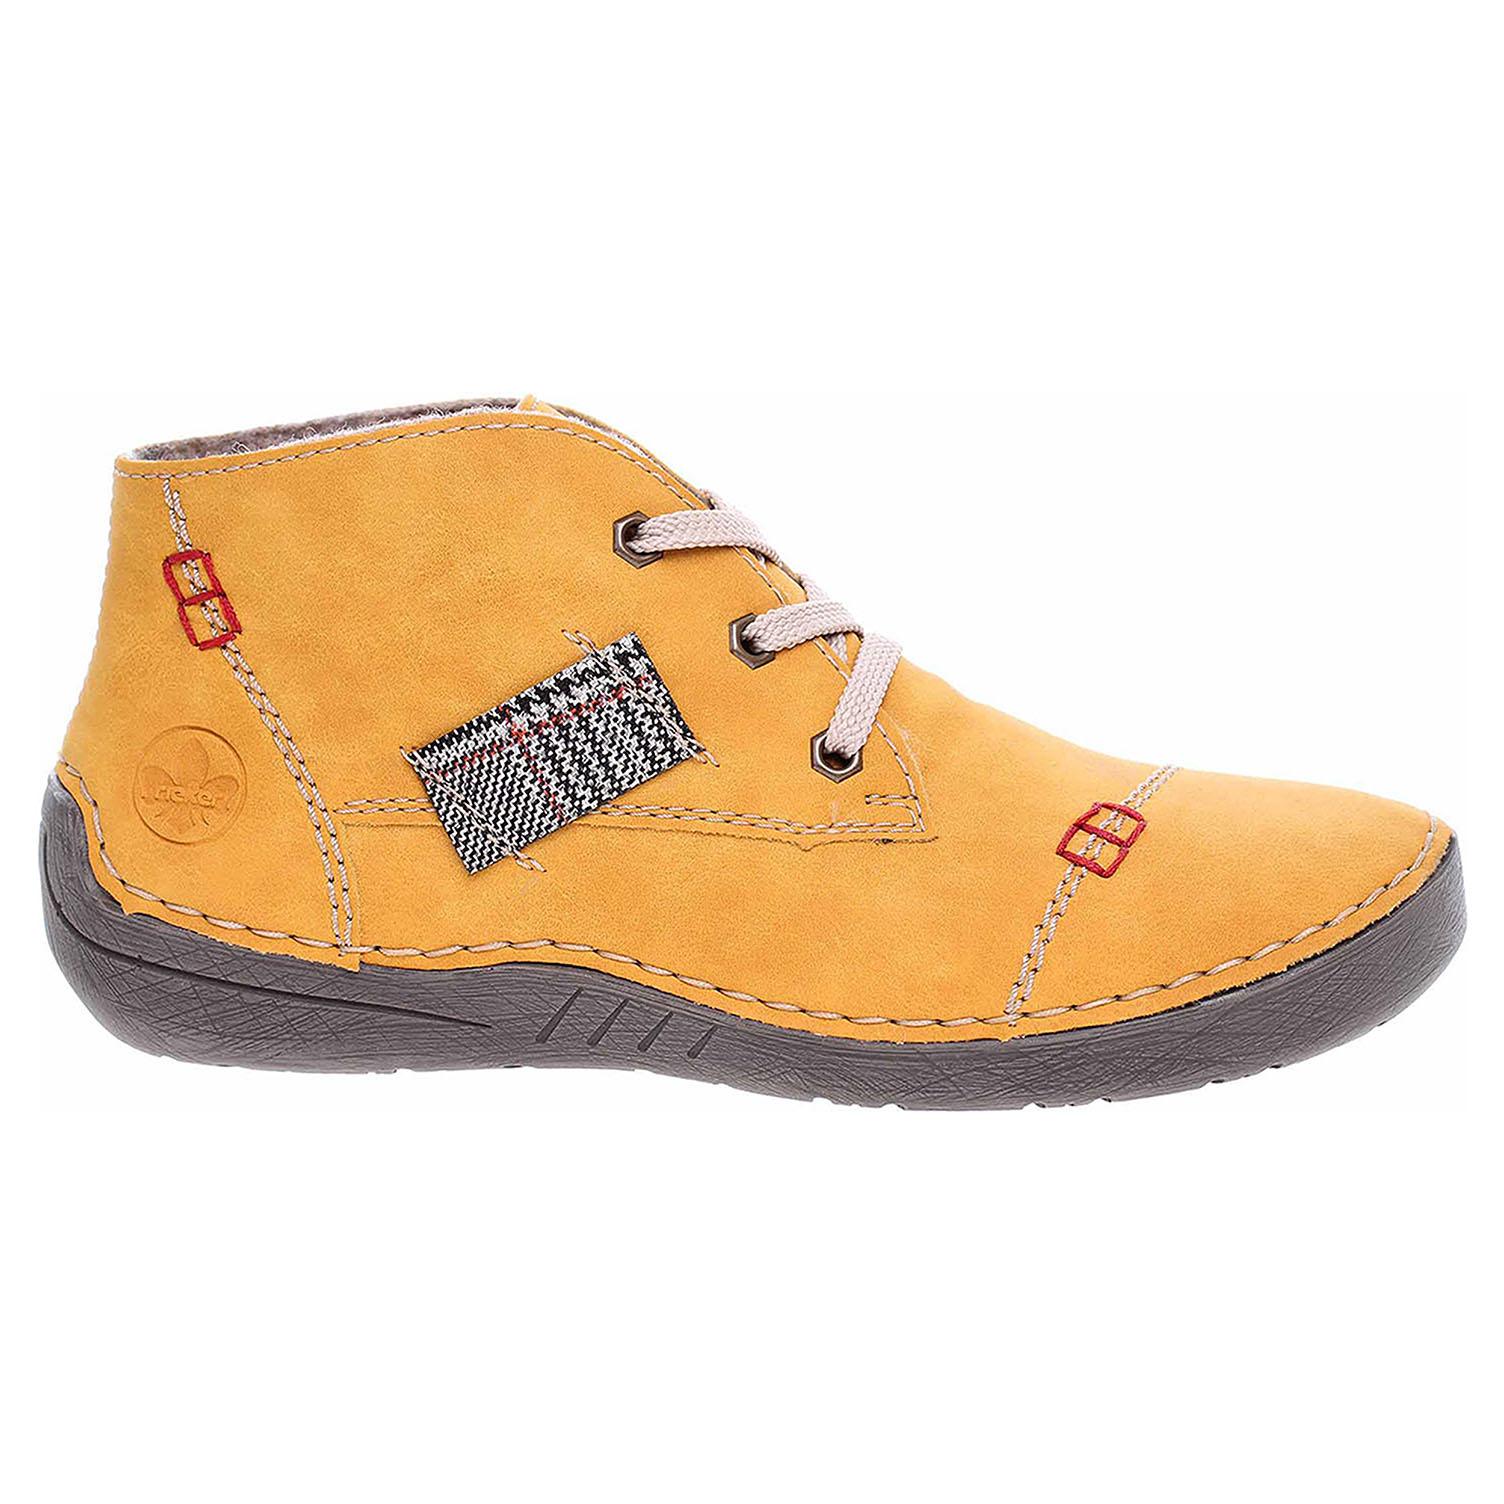 Dámská kotníková obuv Rieker 52543-69 gelb 52543-69 39